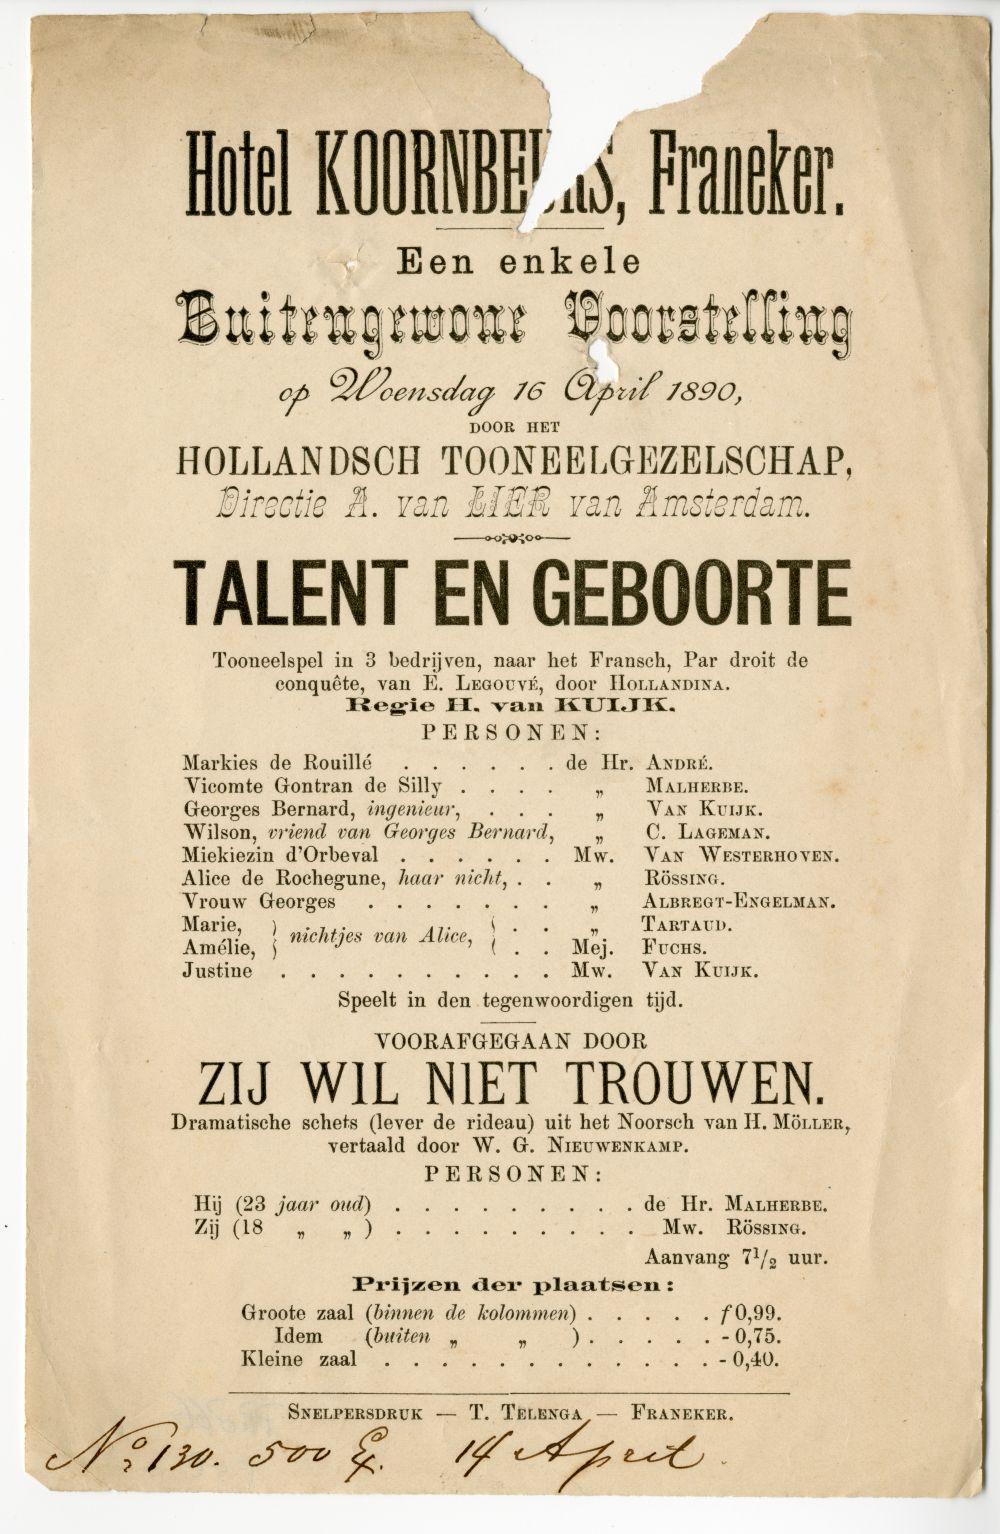 Programma van een toneelstuk, opgevoerd in de Koornbeurs in Franeker